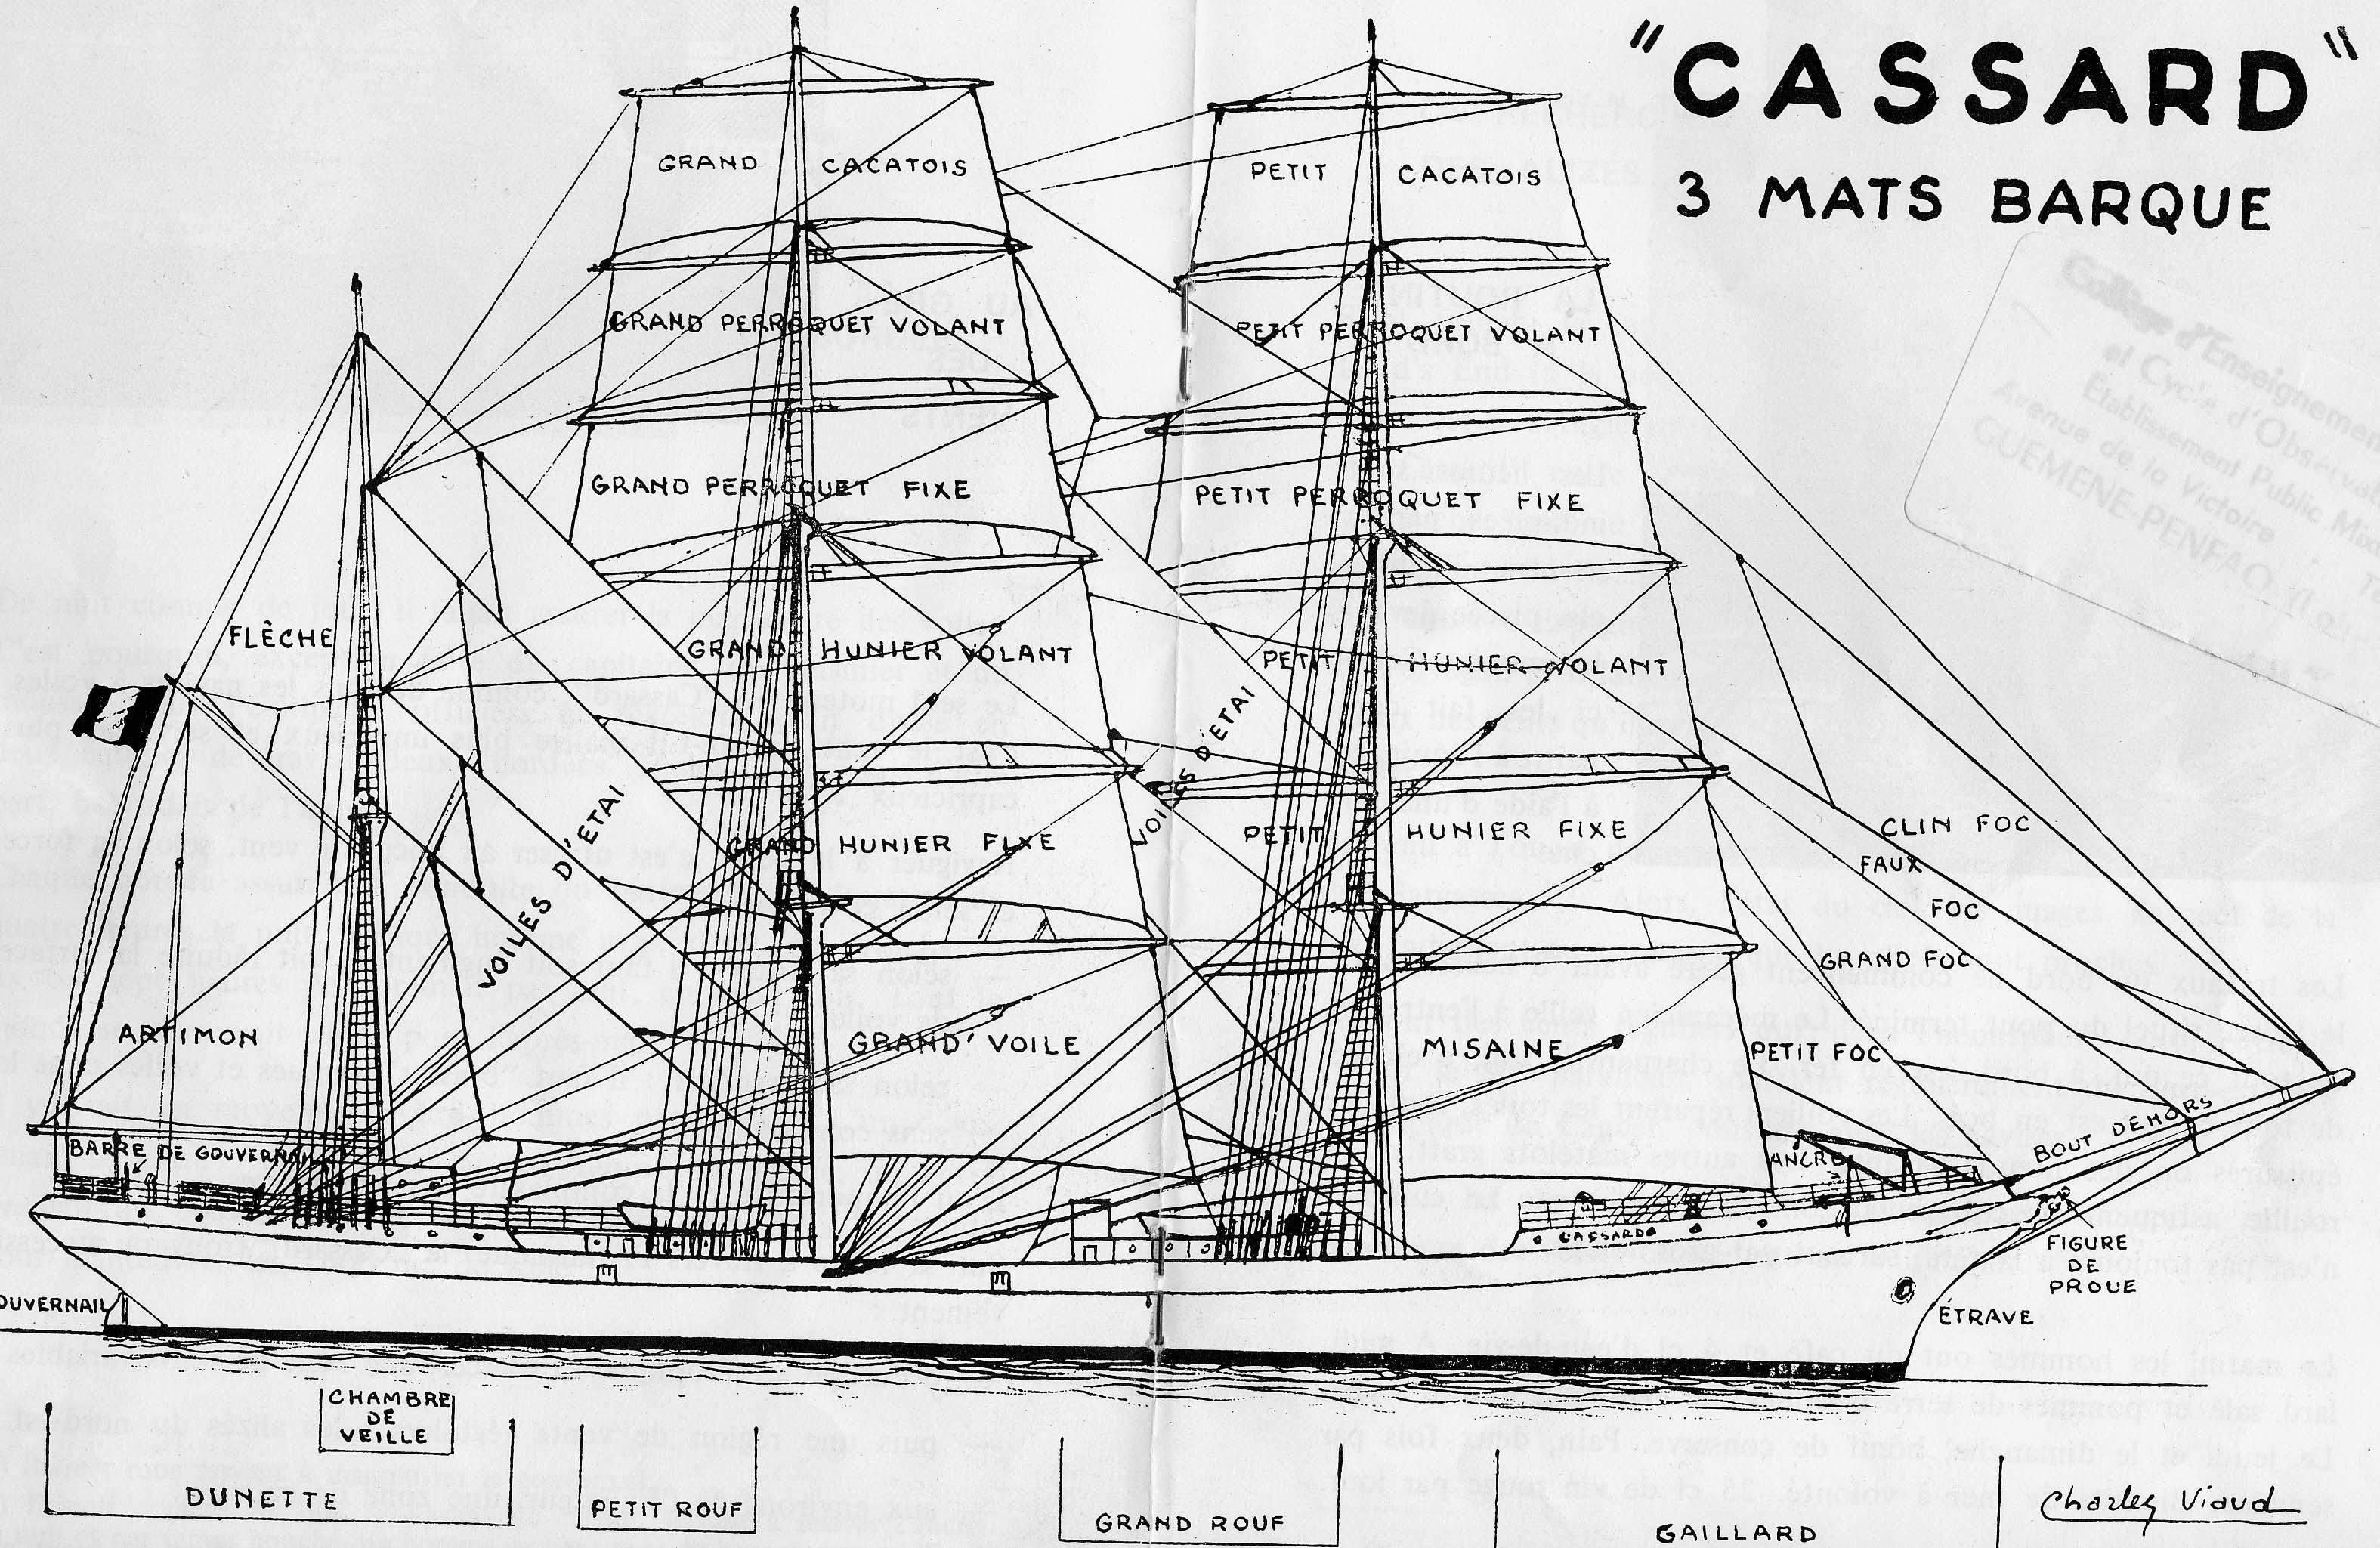 j 39 ai trouv sur internet un dessin de ce bateau sur unsite internet. Black Bedroom Furniture Sets. Home Design Ideas